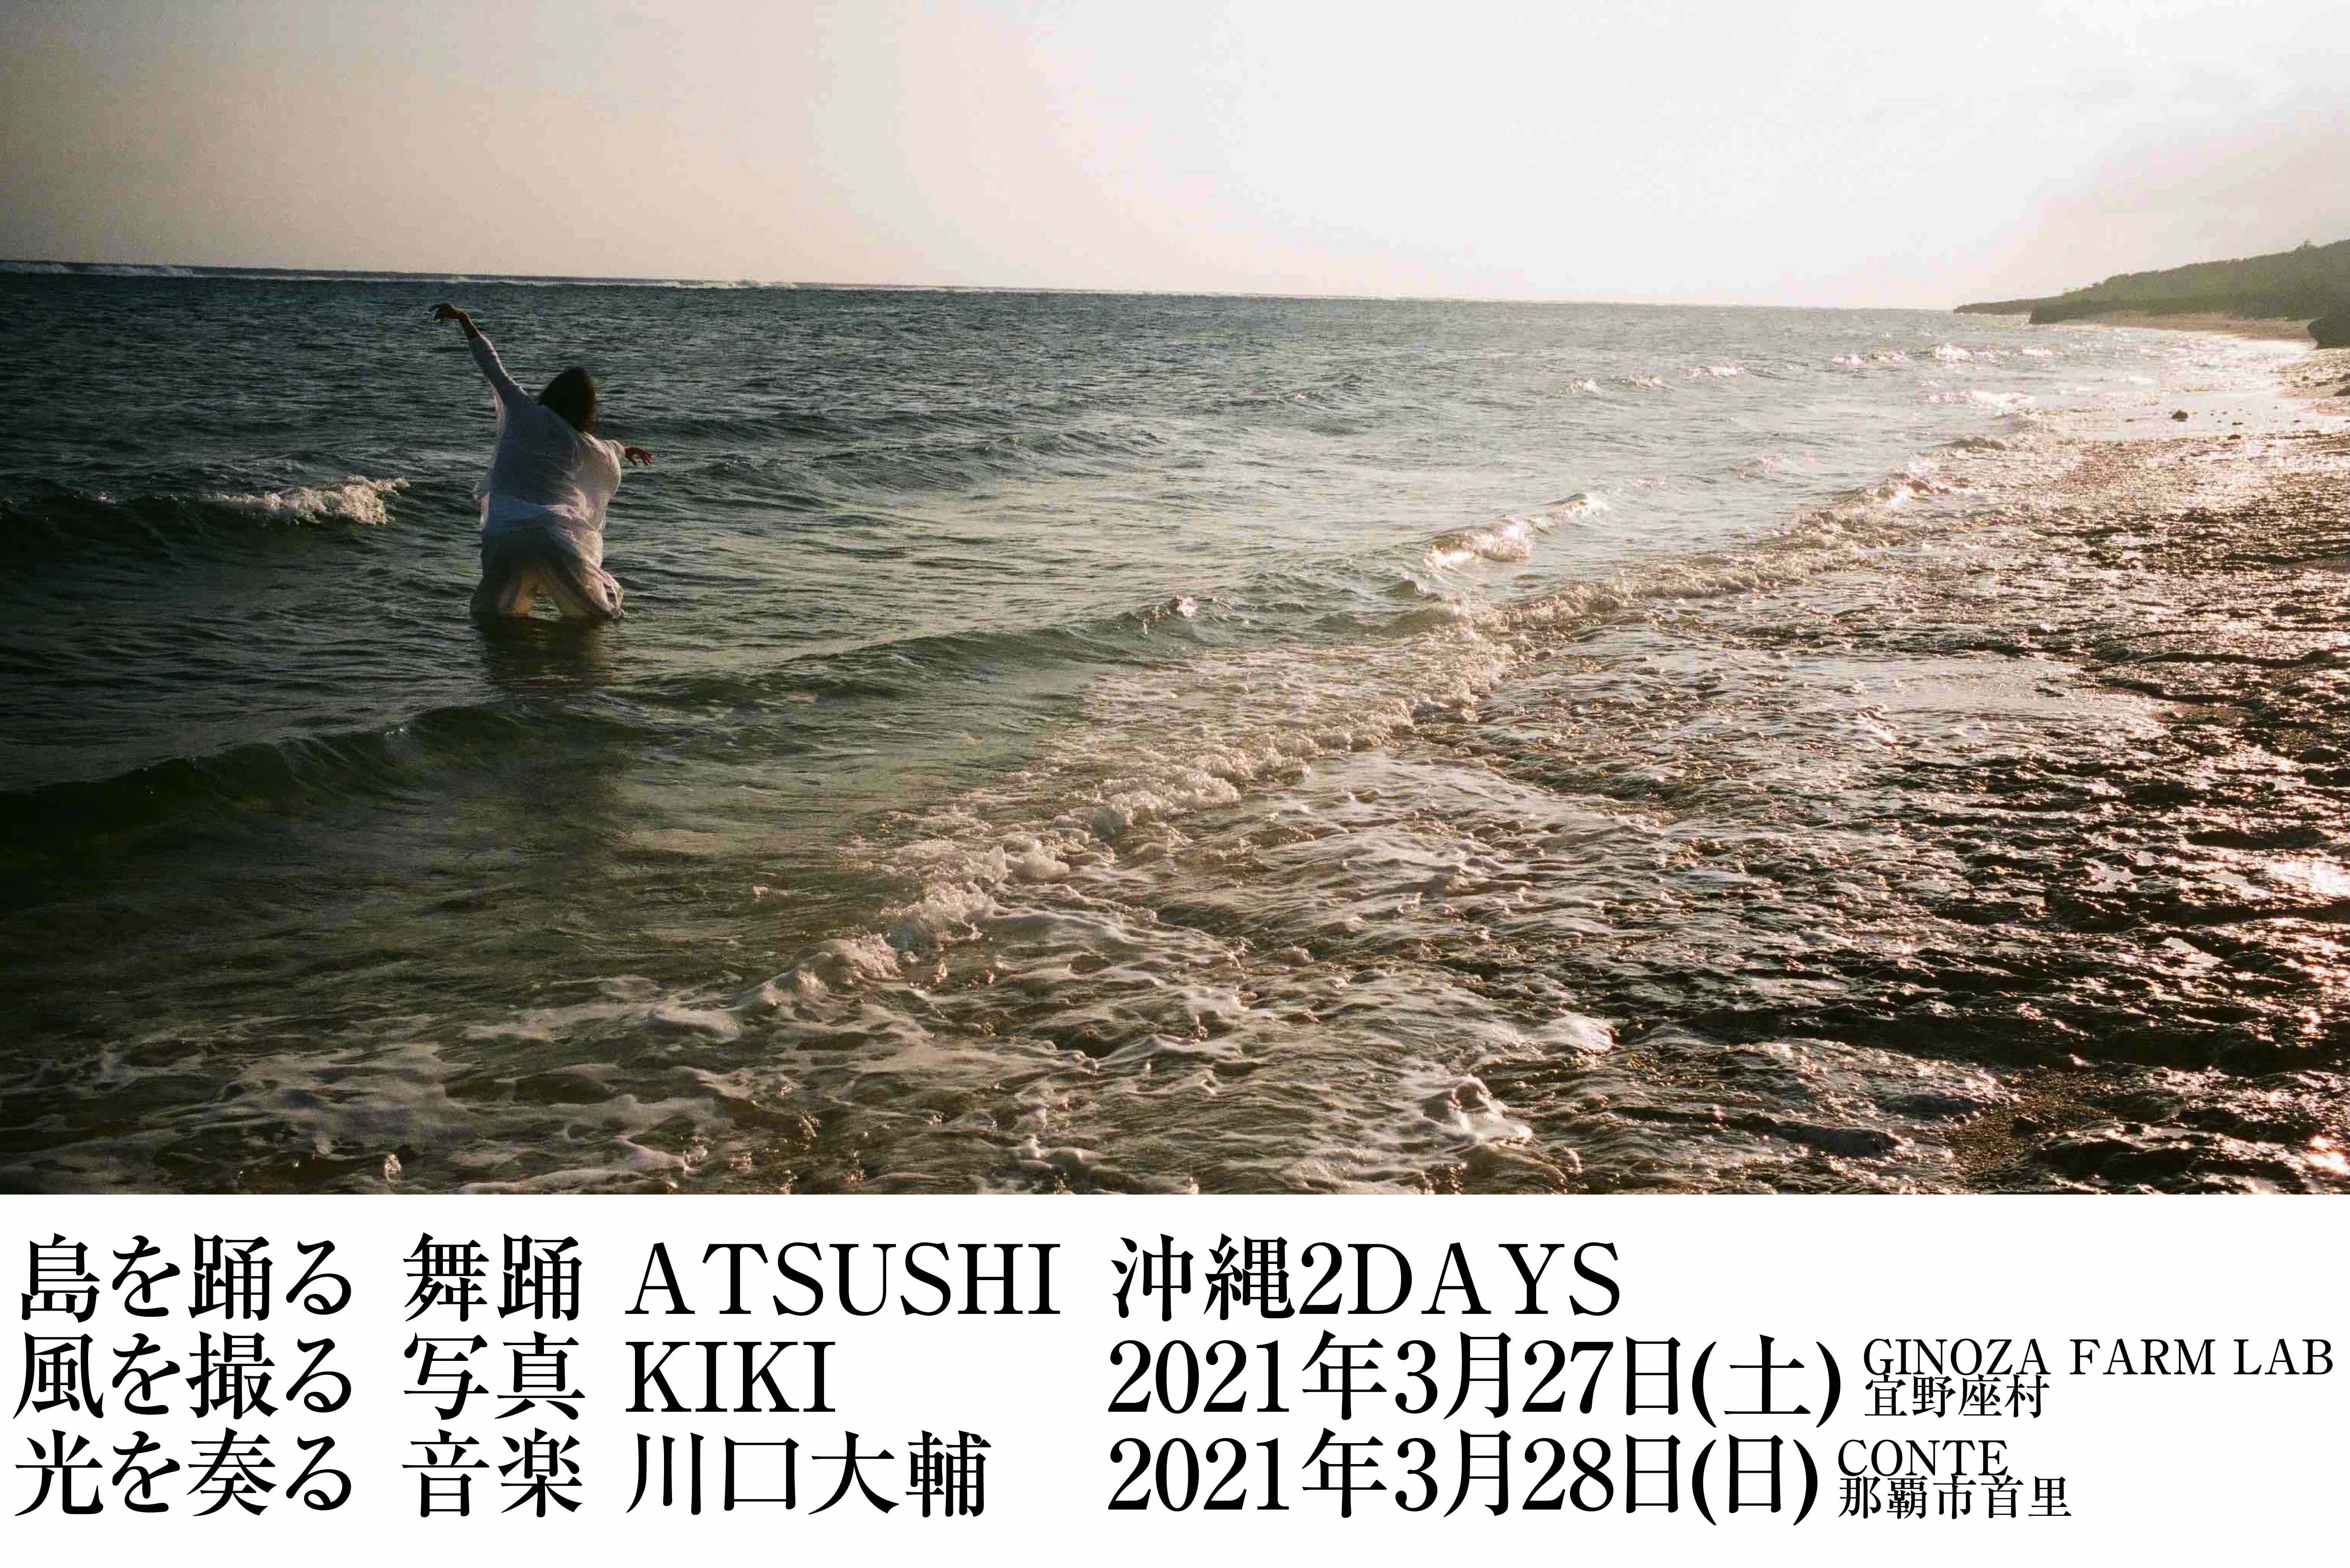 2021.3.28 ATSUSHI(舞踊)×KIKI(写真)×川口大輔(ピアノ)「島を踊る、風を撮る、光を奏でる」